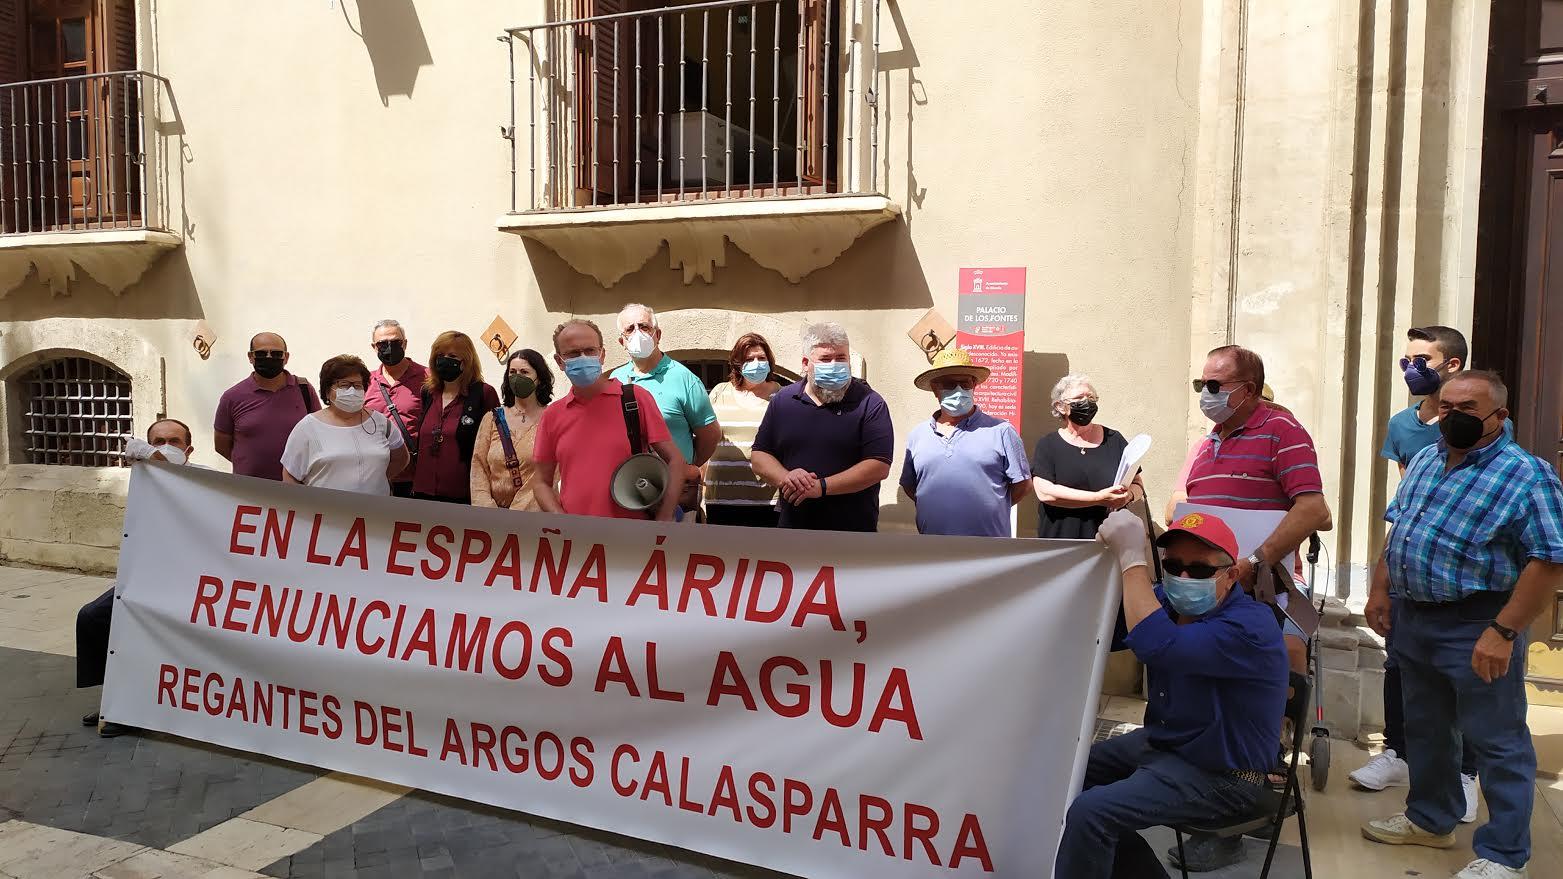 Un momento de la congregación de ayer en la puerta de Confederación Hidrográfica del Segura. Imagen: Grupo Municipal Calasparra Viva